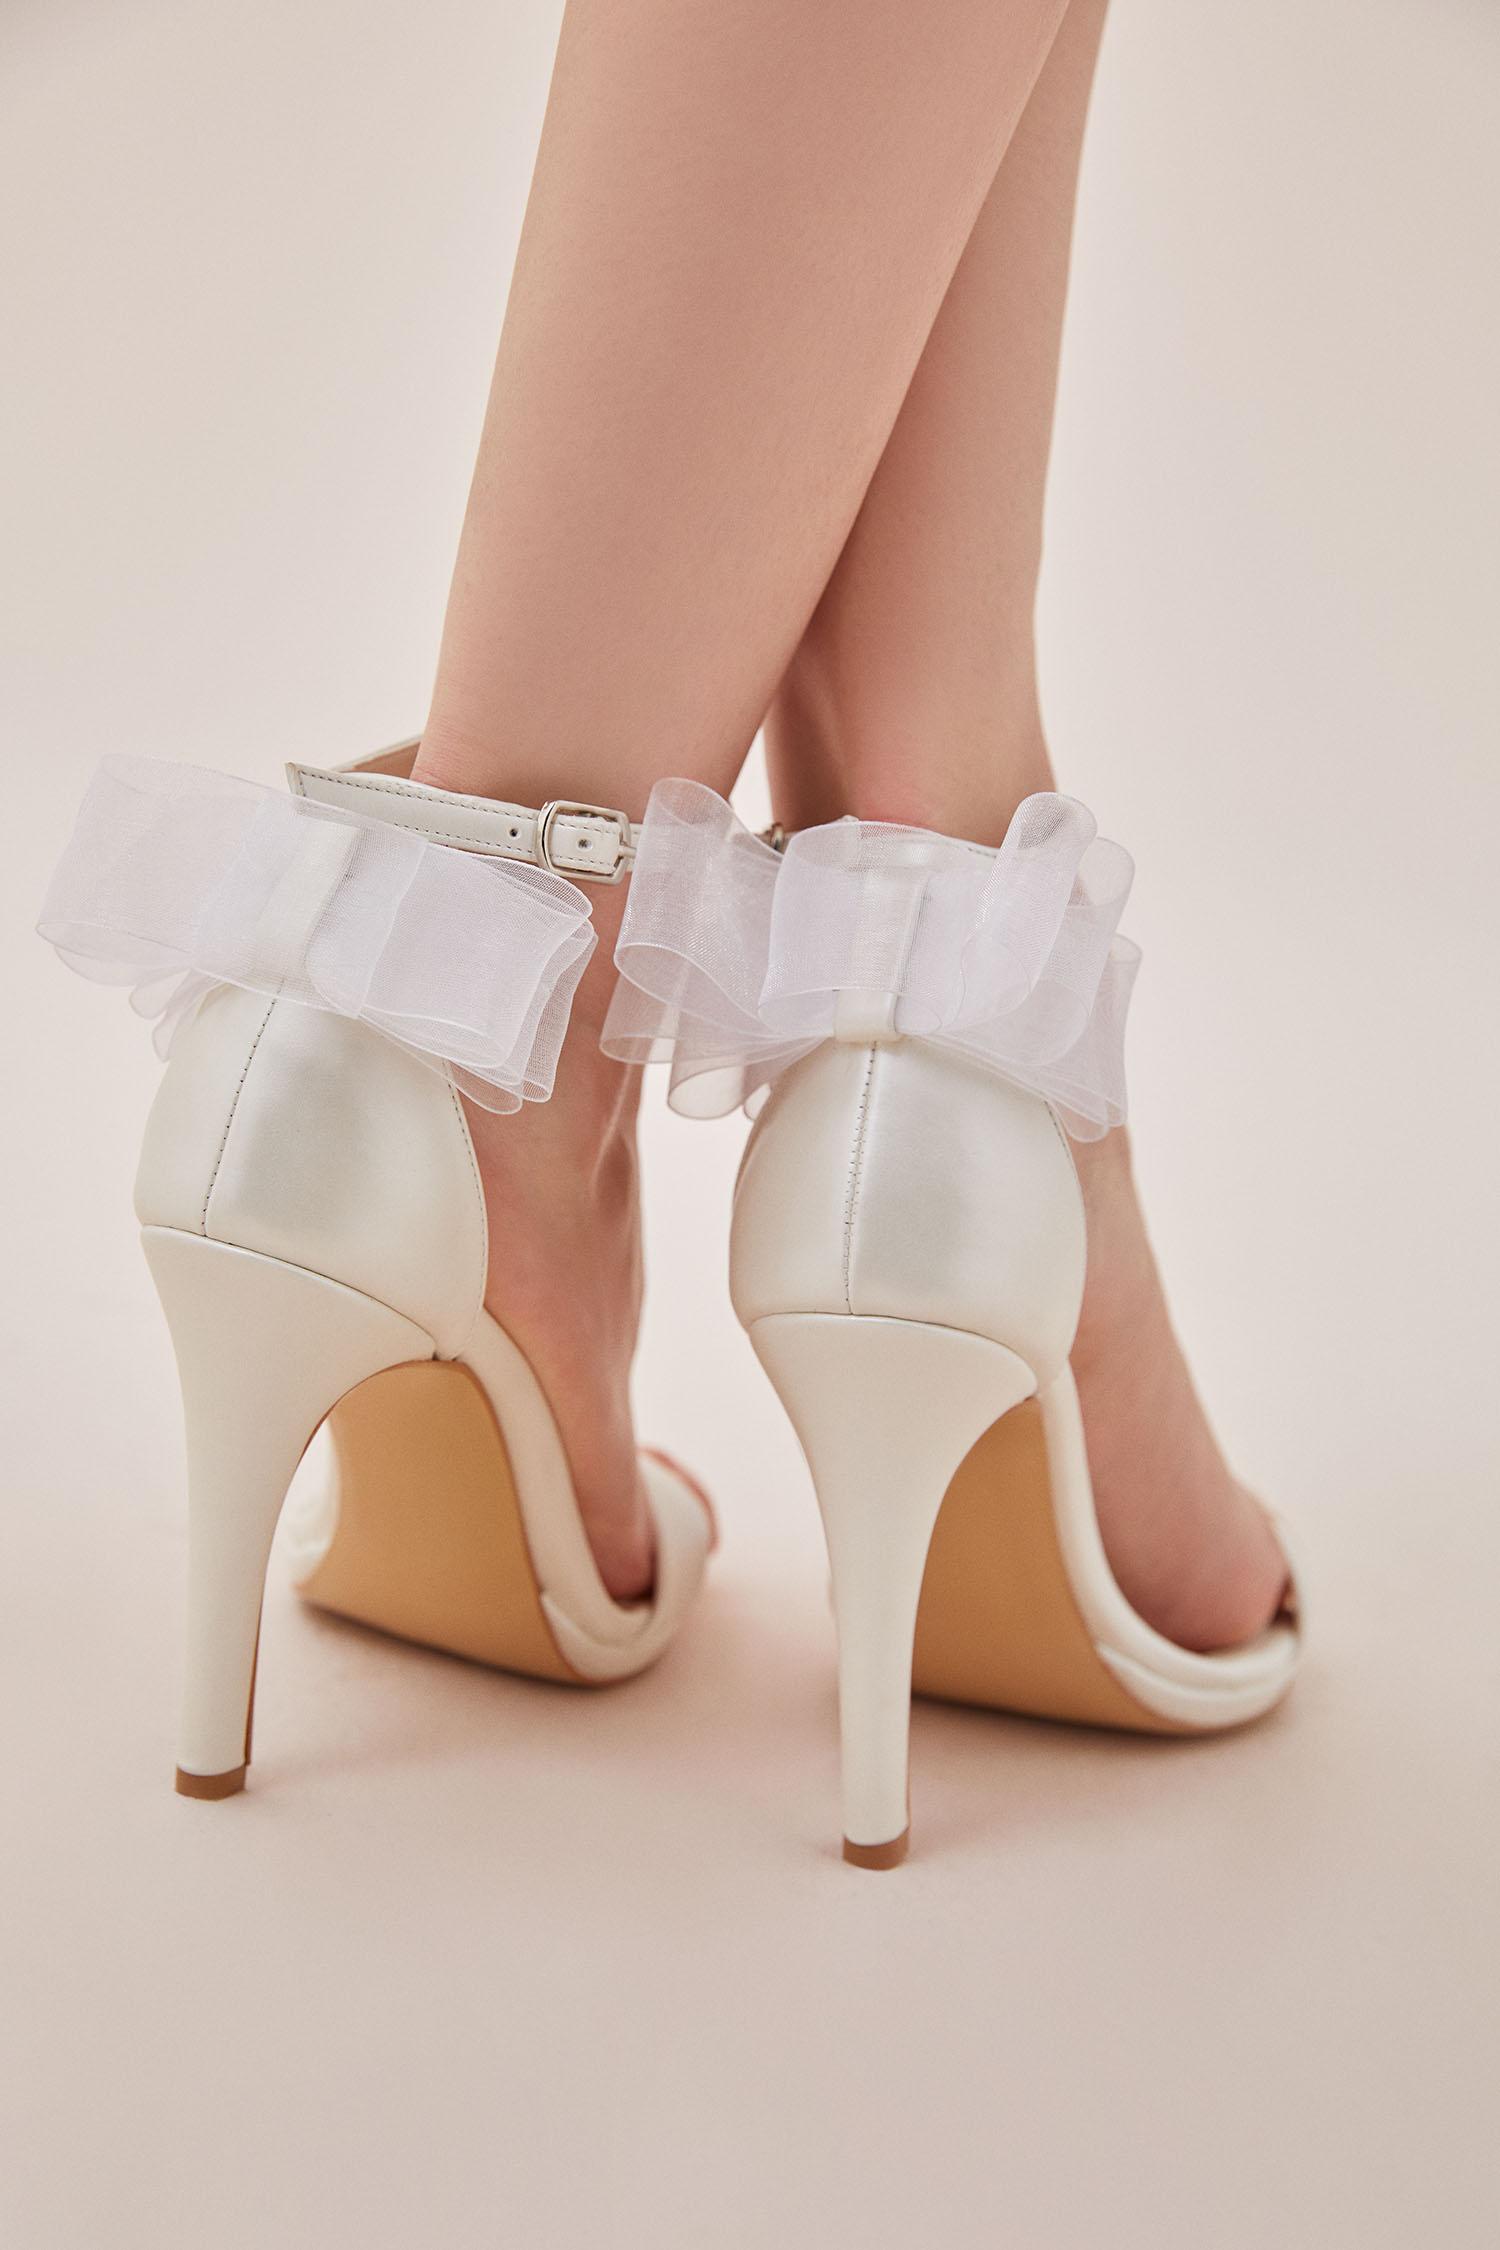 Kırık Beyaz Tül Detaylı Topuklu Gelin Ayakkabısı - Thumbnail